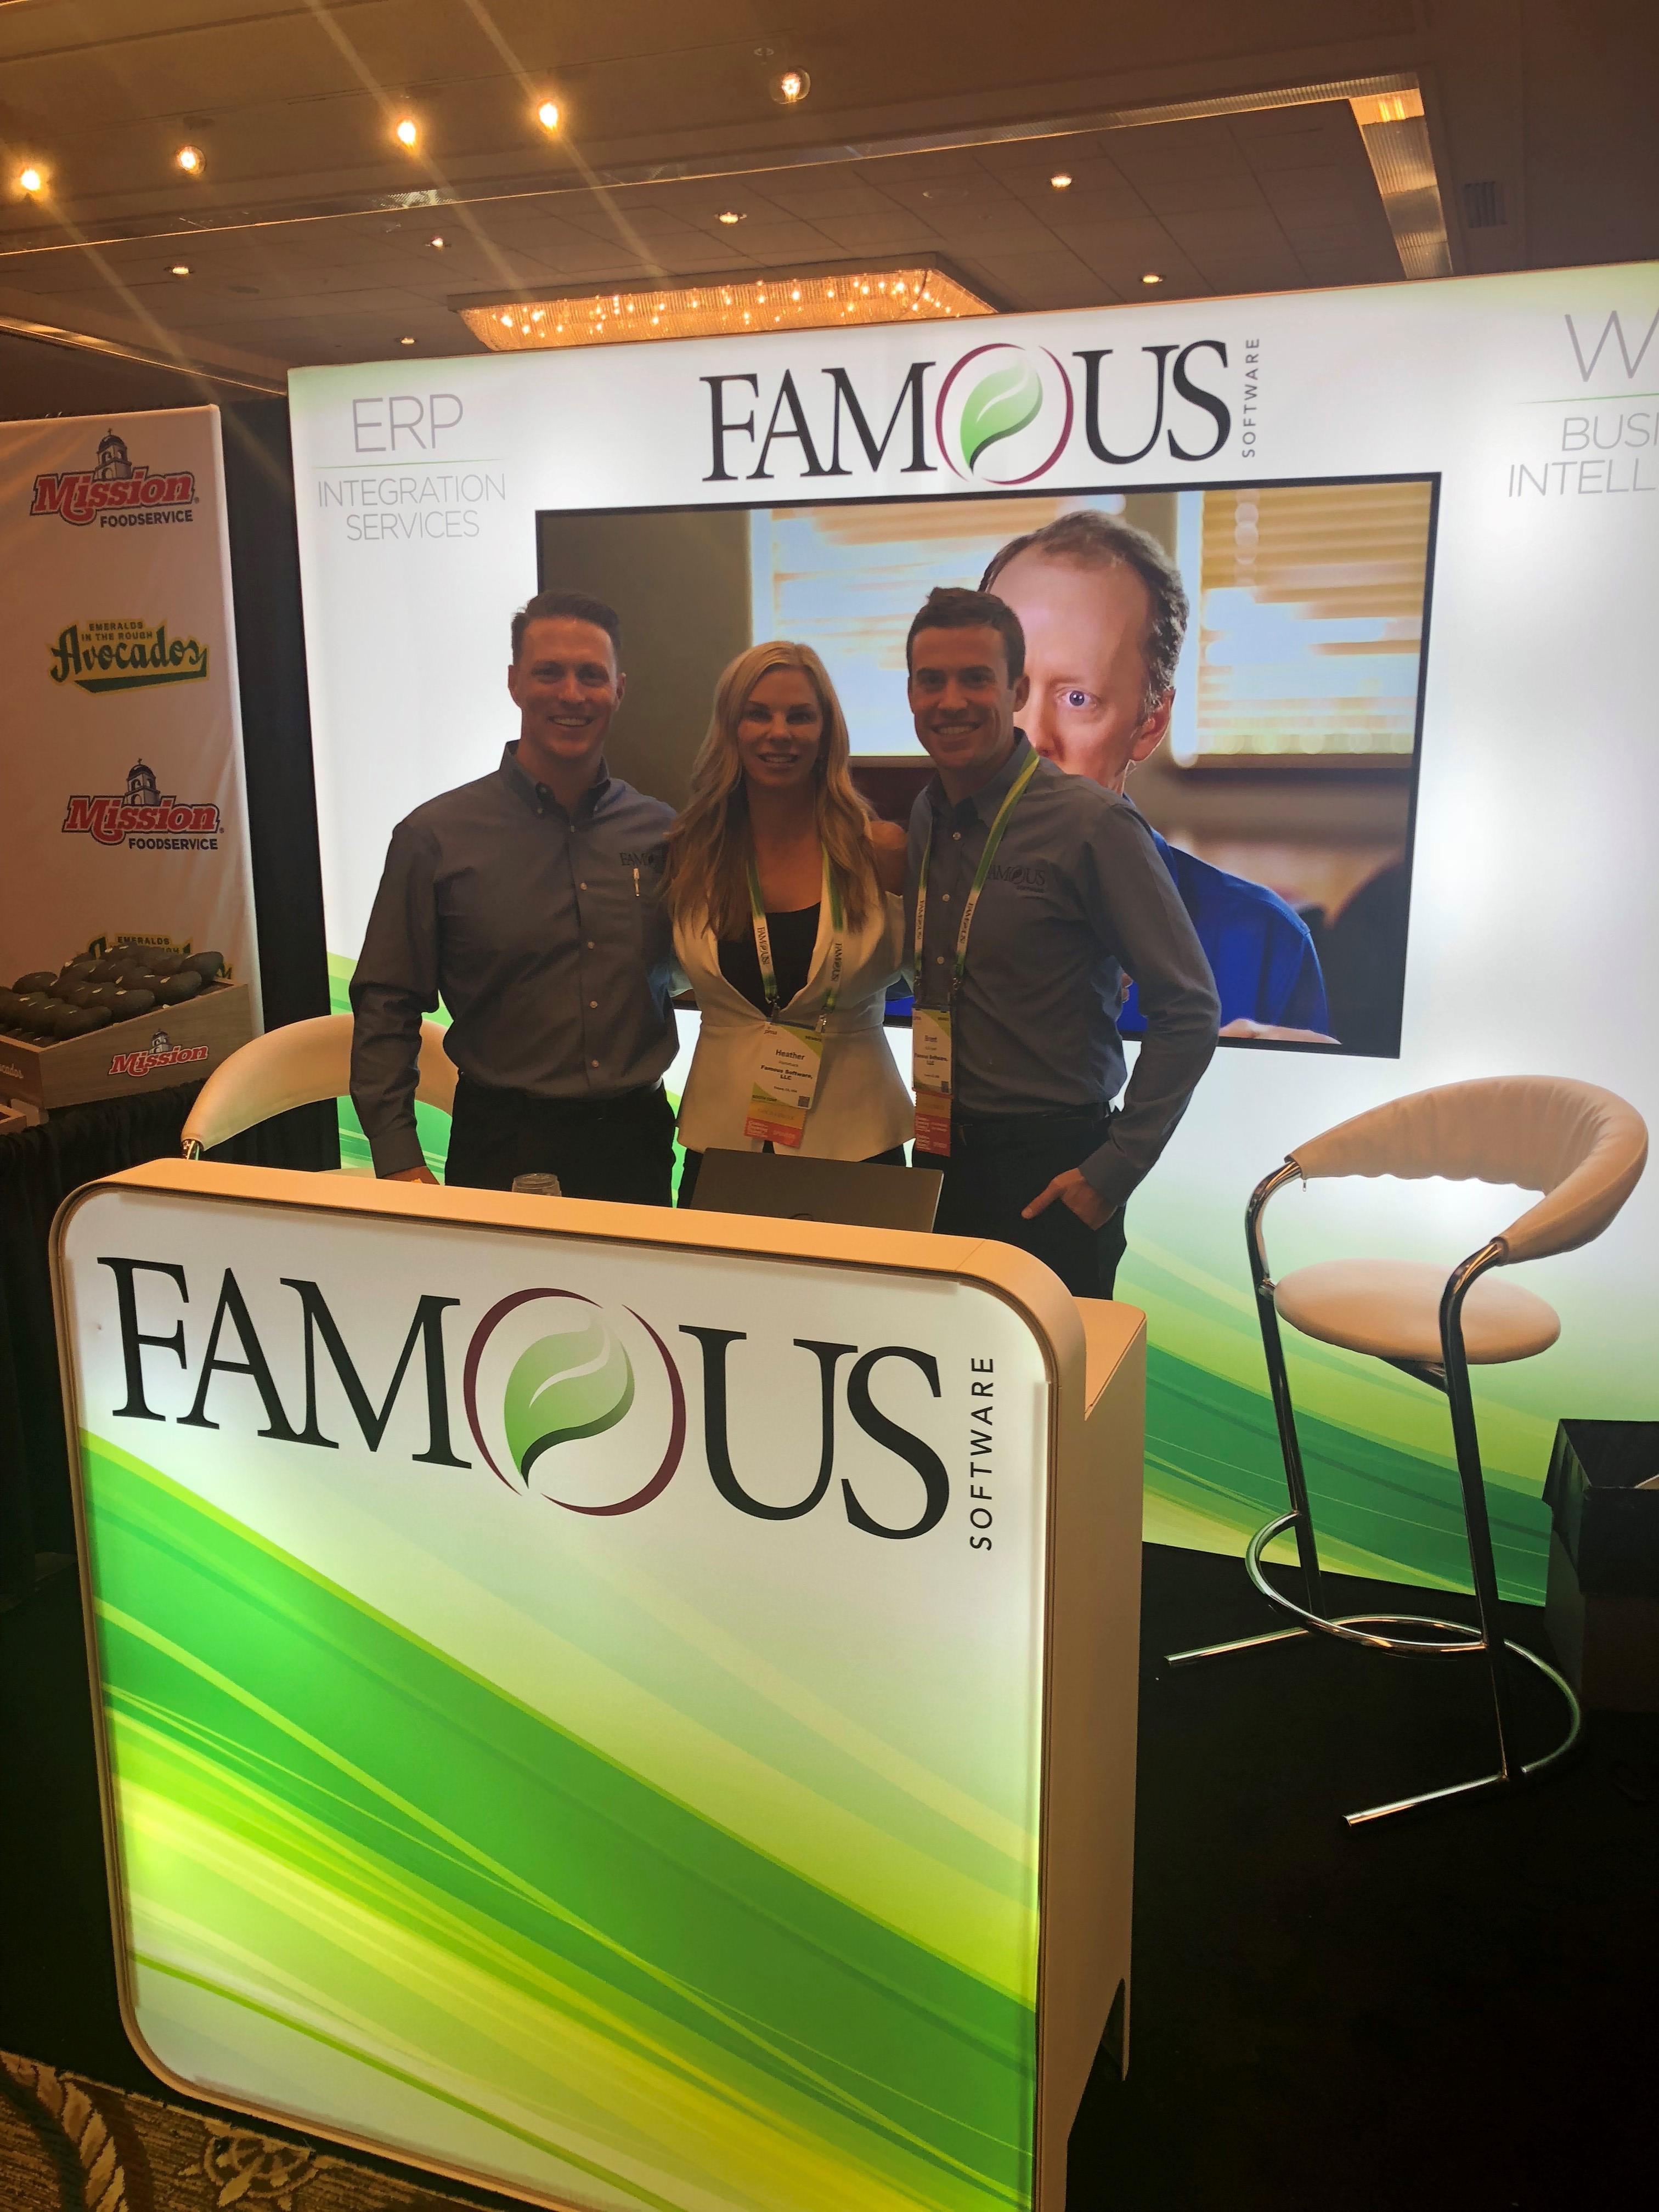 Famous_3